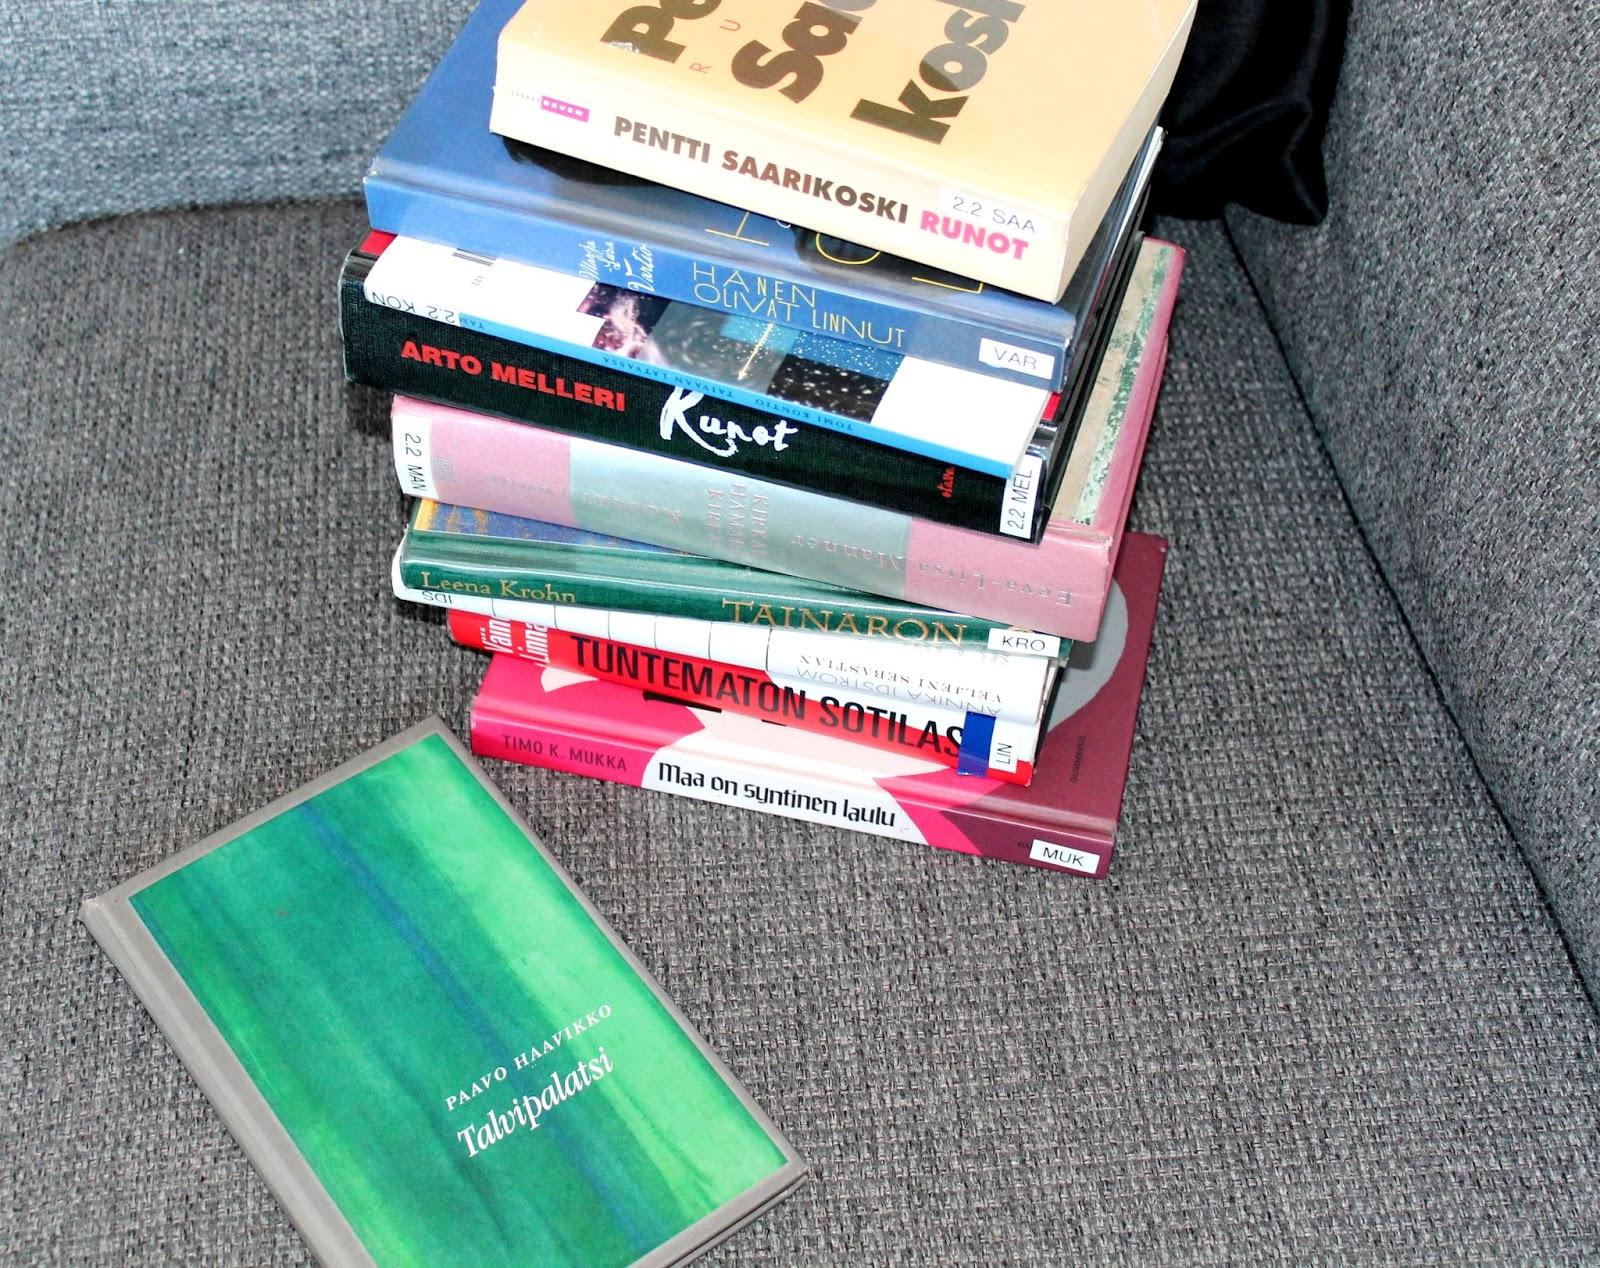 #books #finnish #literature #classics #suomen #kirjallisuuden #klassikoita #kurssi #kirjallisuus #haanpää #talvipalatsi #saarikoski #student #opiskelija #yliopisto #university #avoin